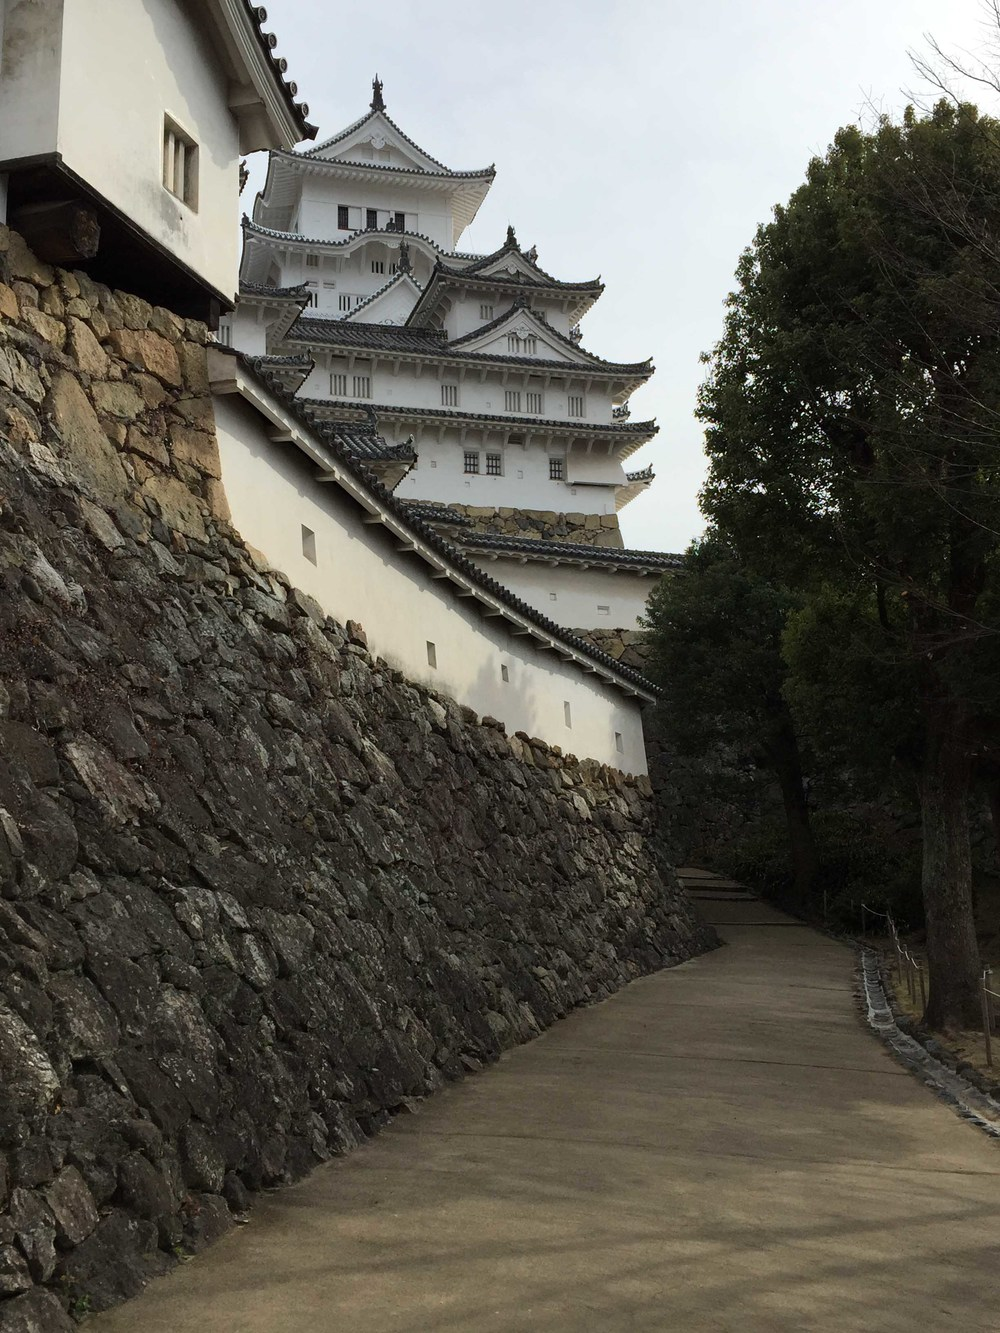 石垣上聳立的天守及  「塀」